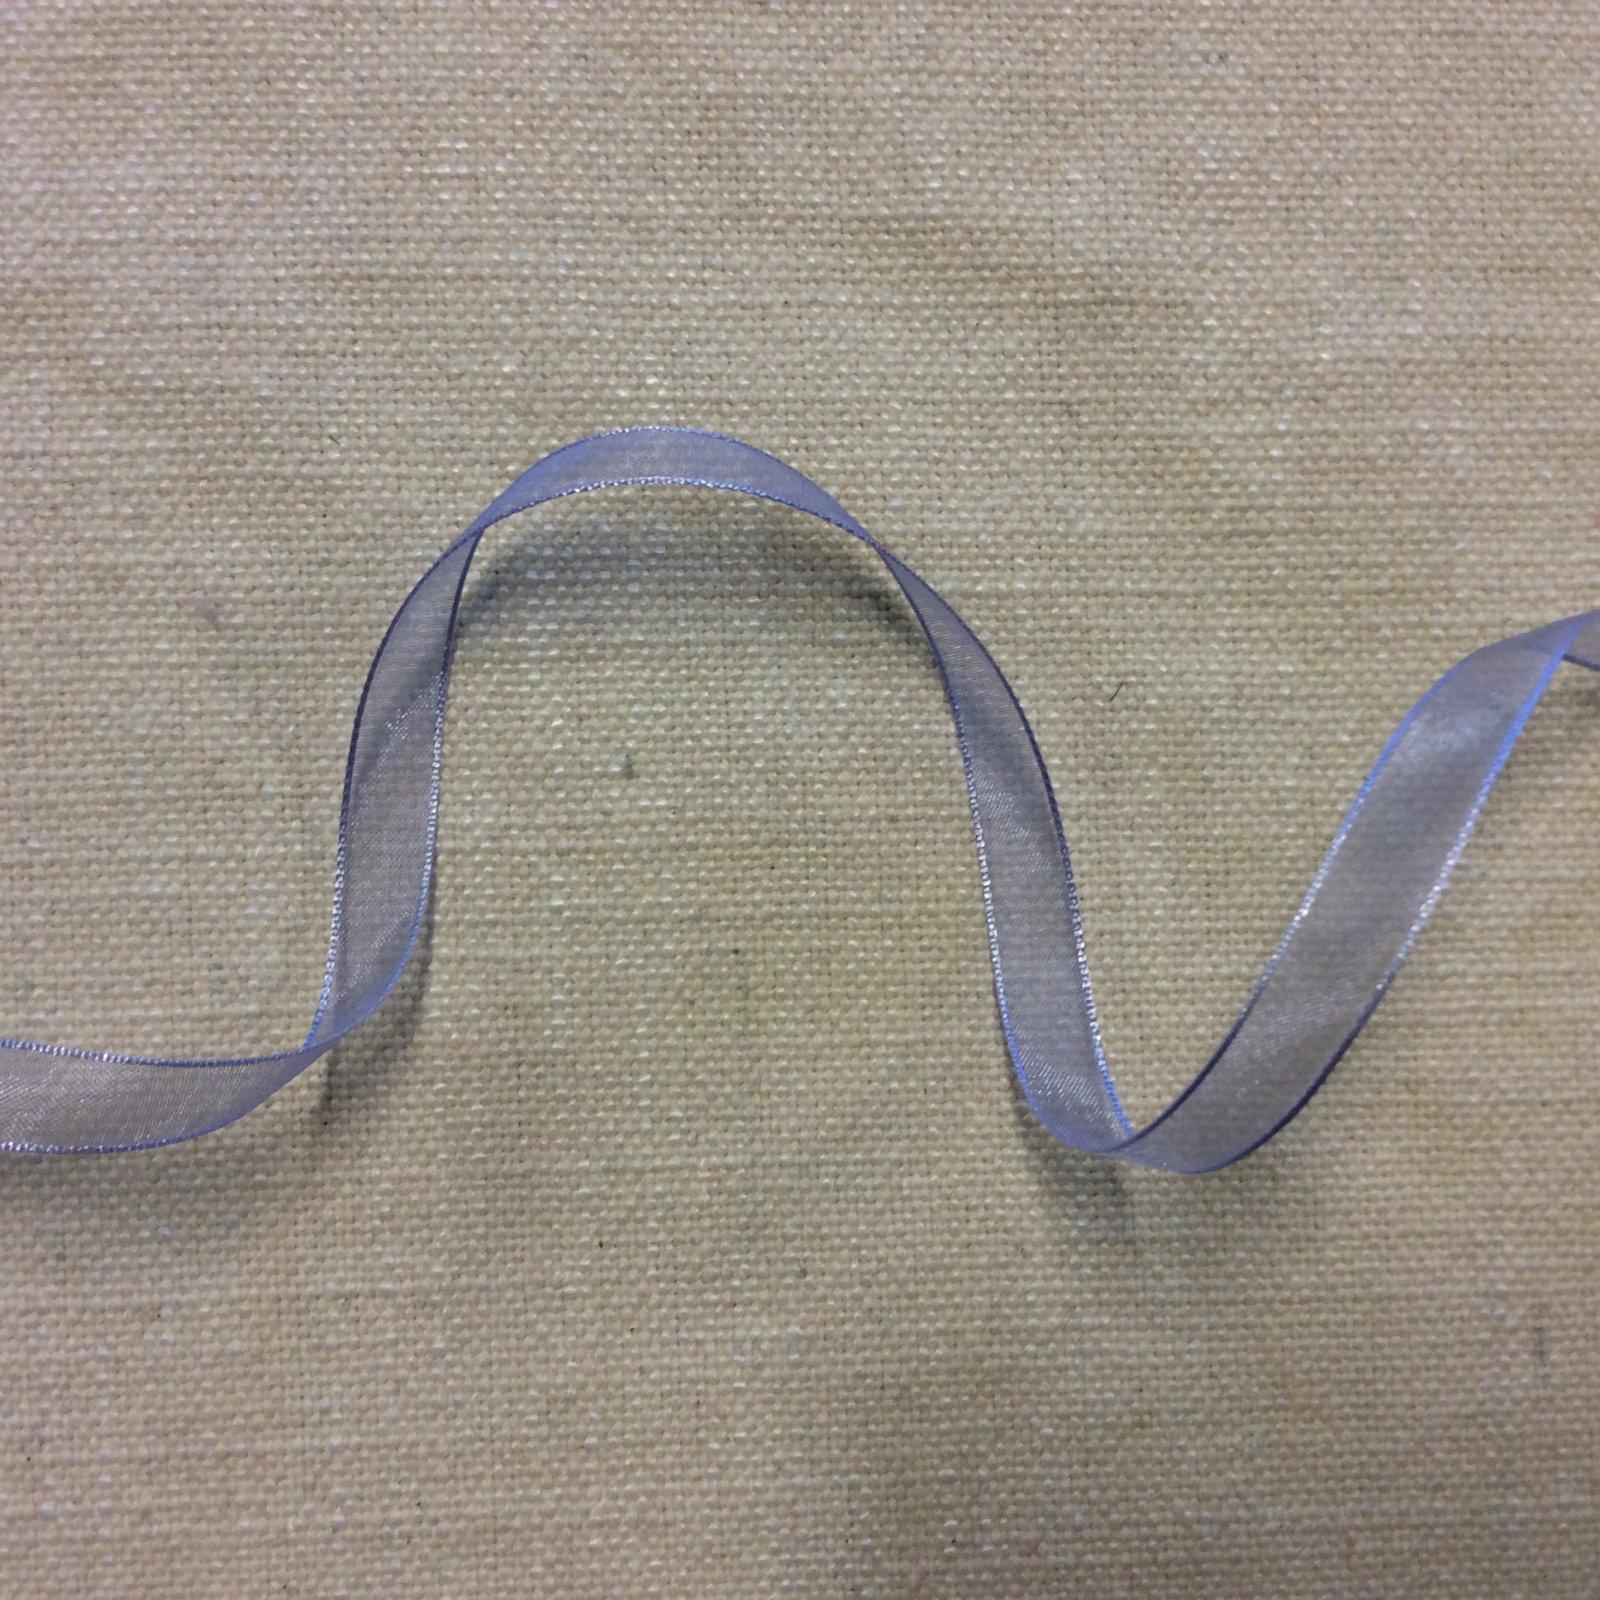 Organza Ribbon 3/8 Wisteria Purple Trim Ribbon RIB1207